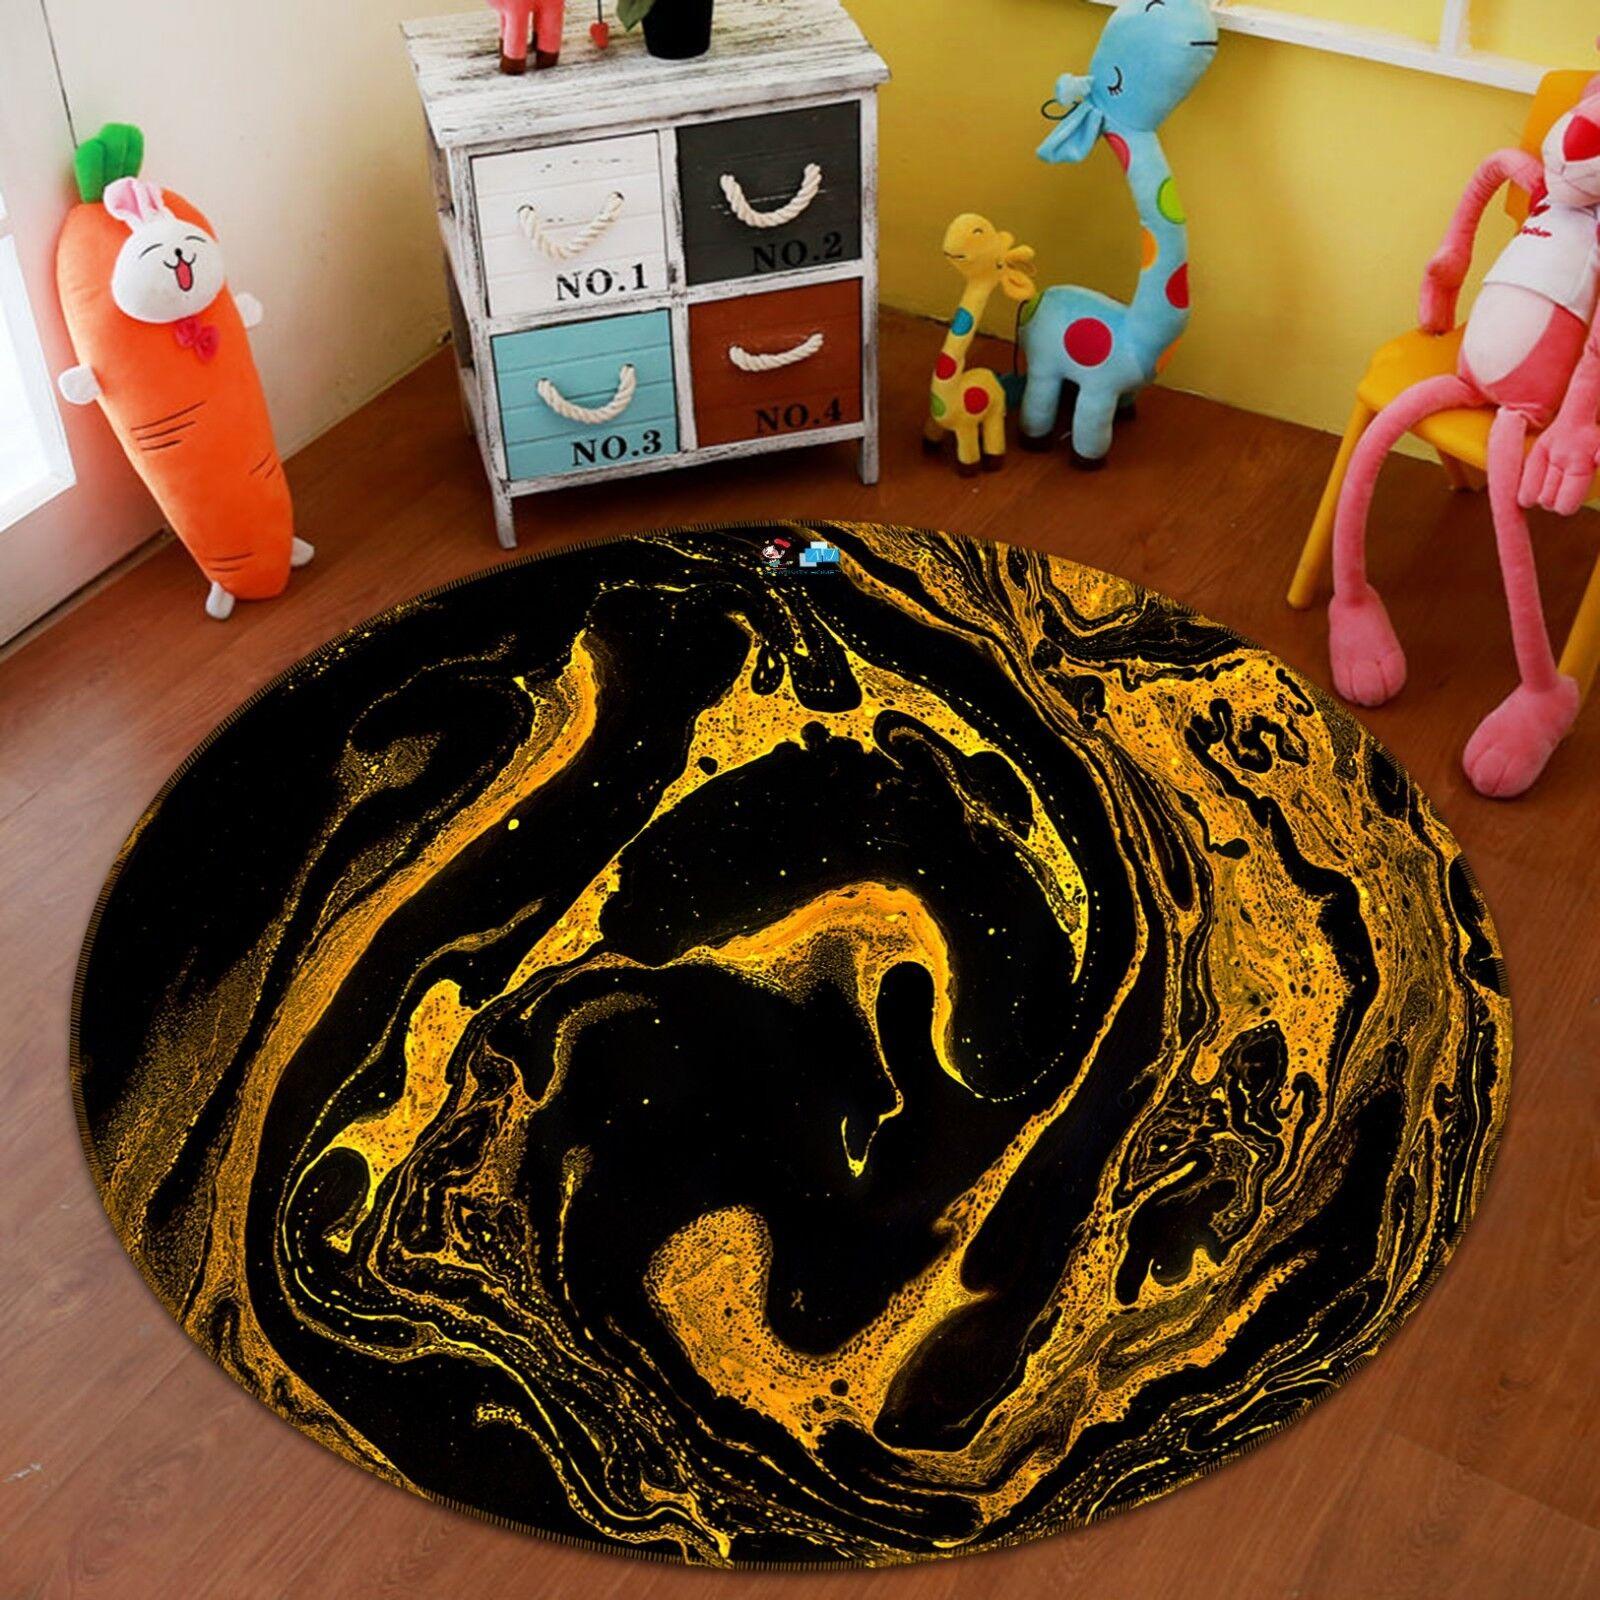 3D dinamico dell'acqua WAVE 2 tappetino antiscivolo tappeto camera tappetino tappeto rossoondo elegante foto Regno Unito